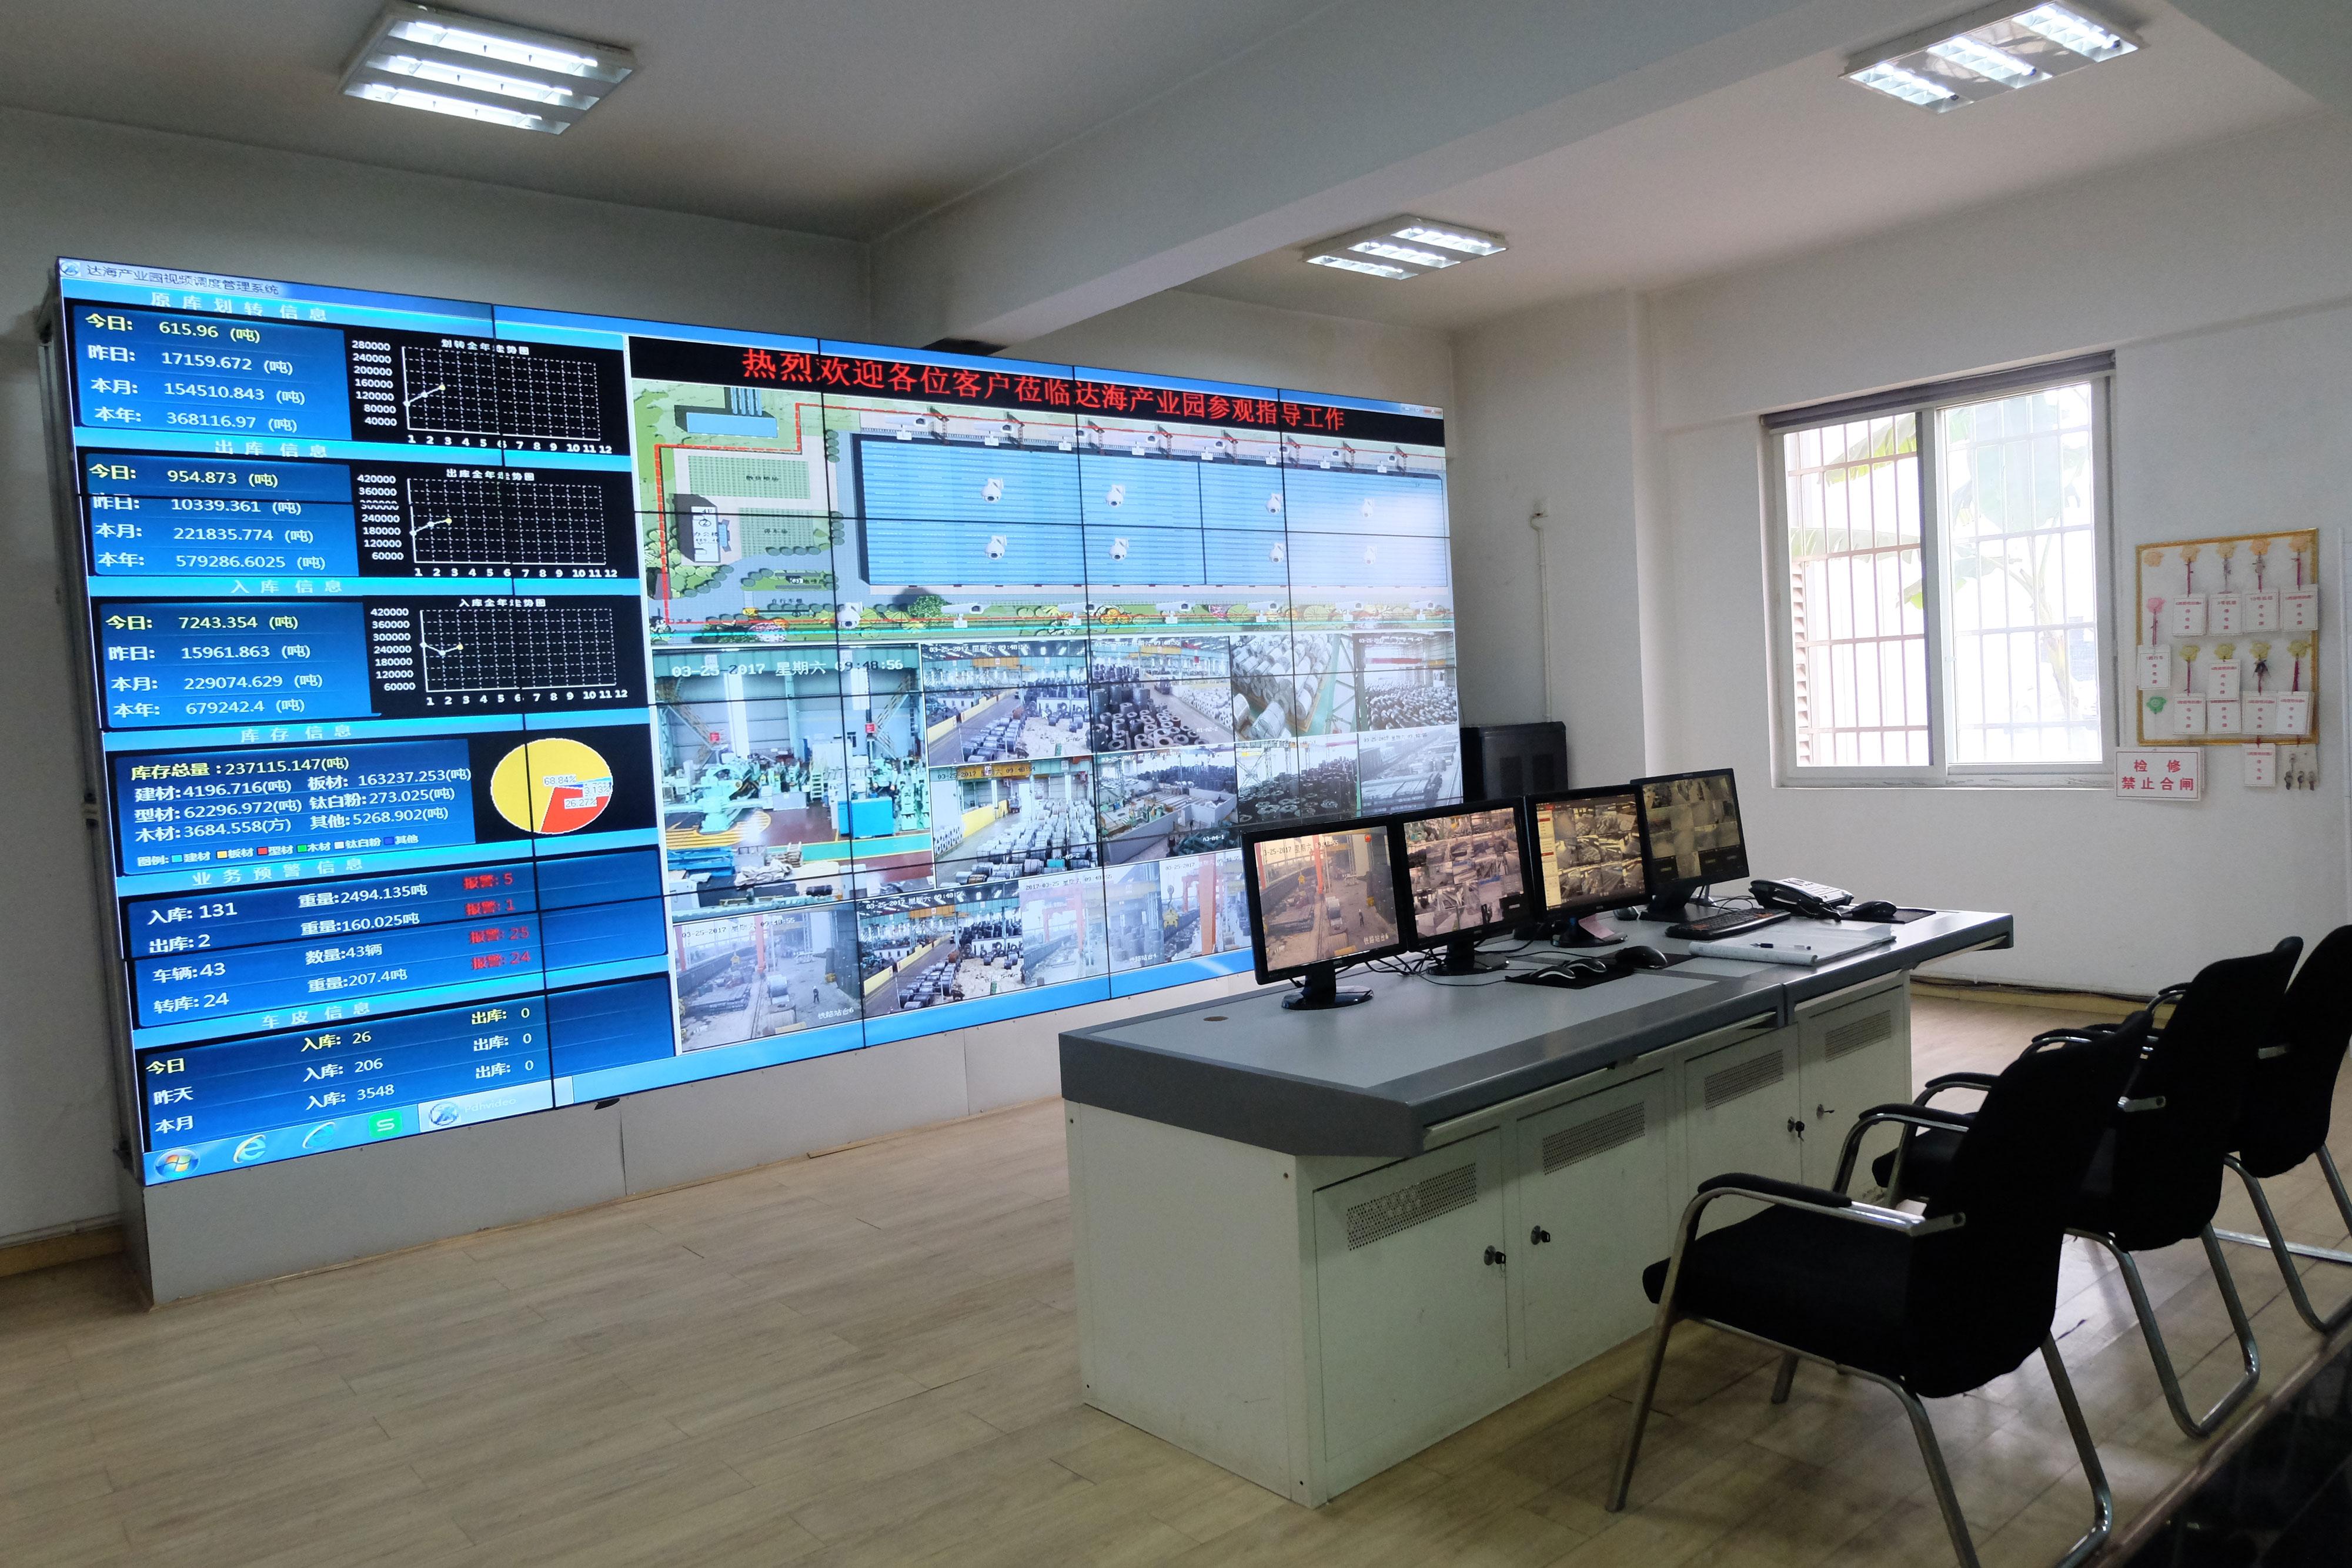 图片说明:达海产业园调度中心展示.jpg